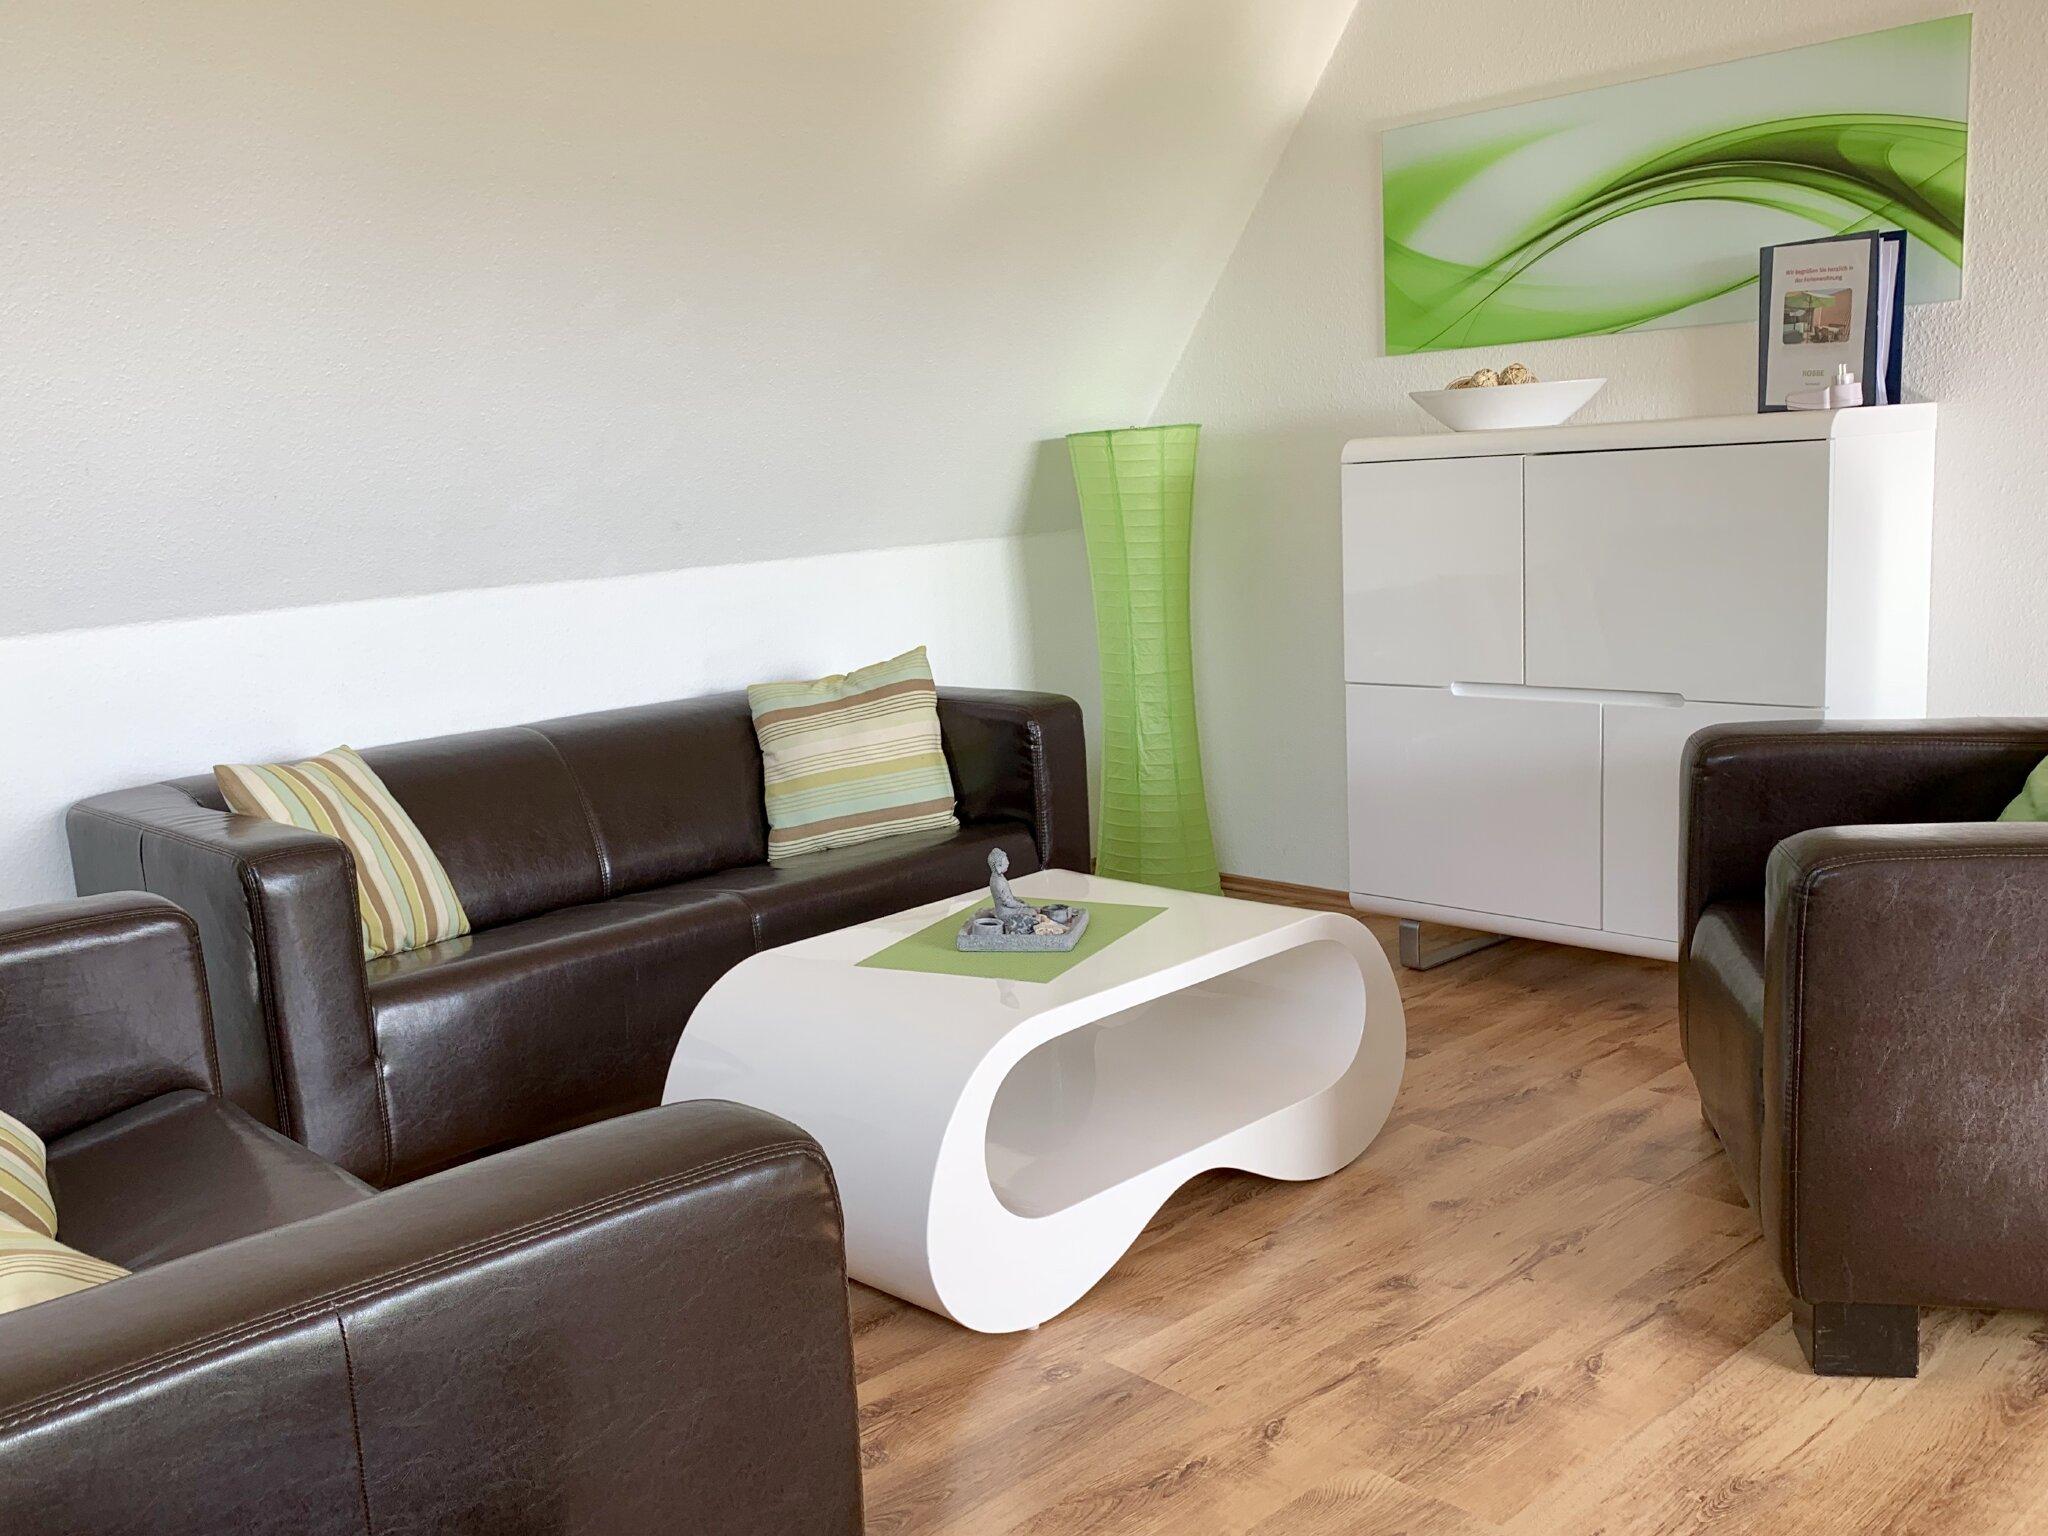 Neu eingerichtetes Wohnzimmer